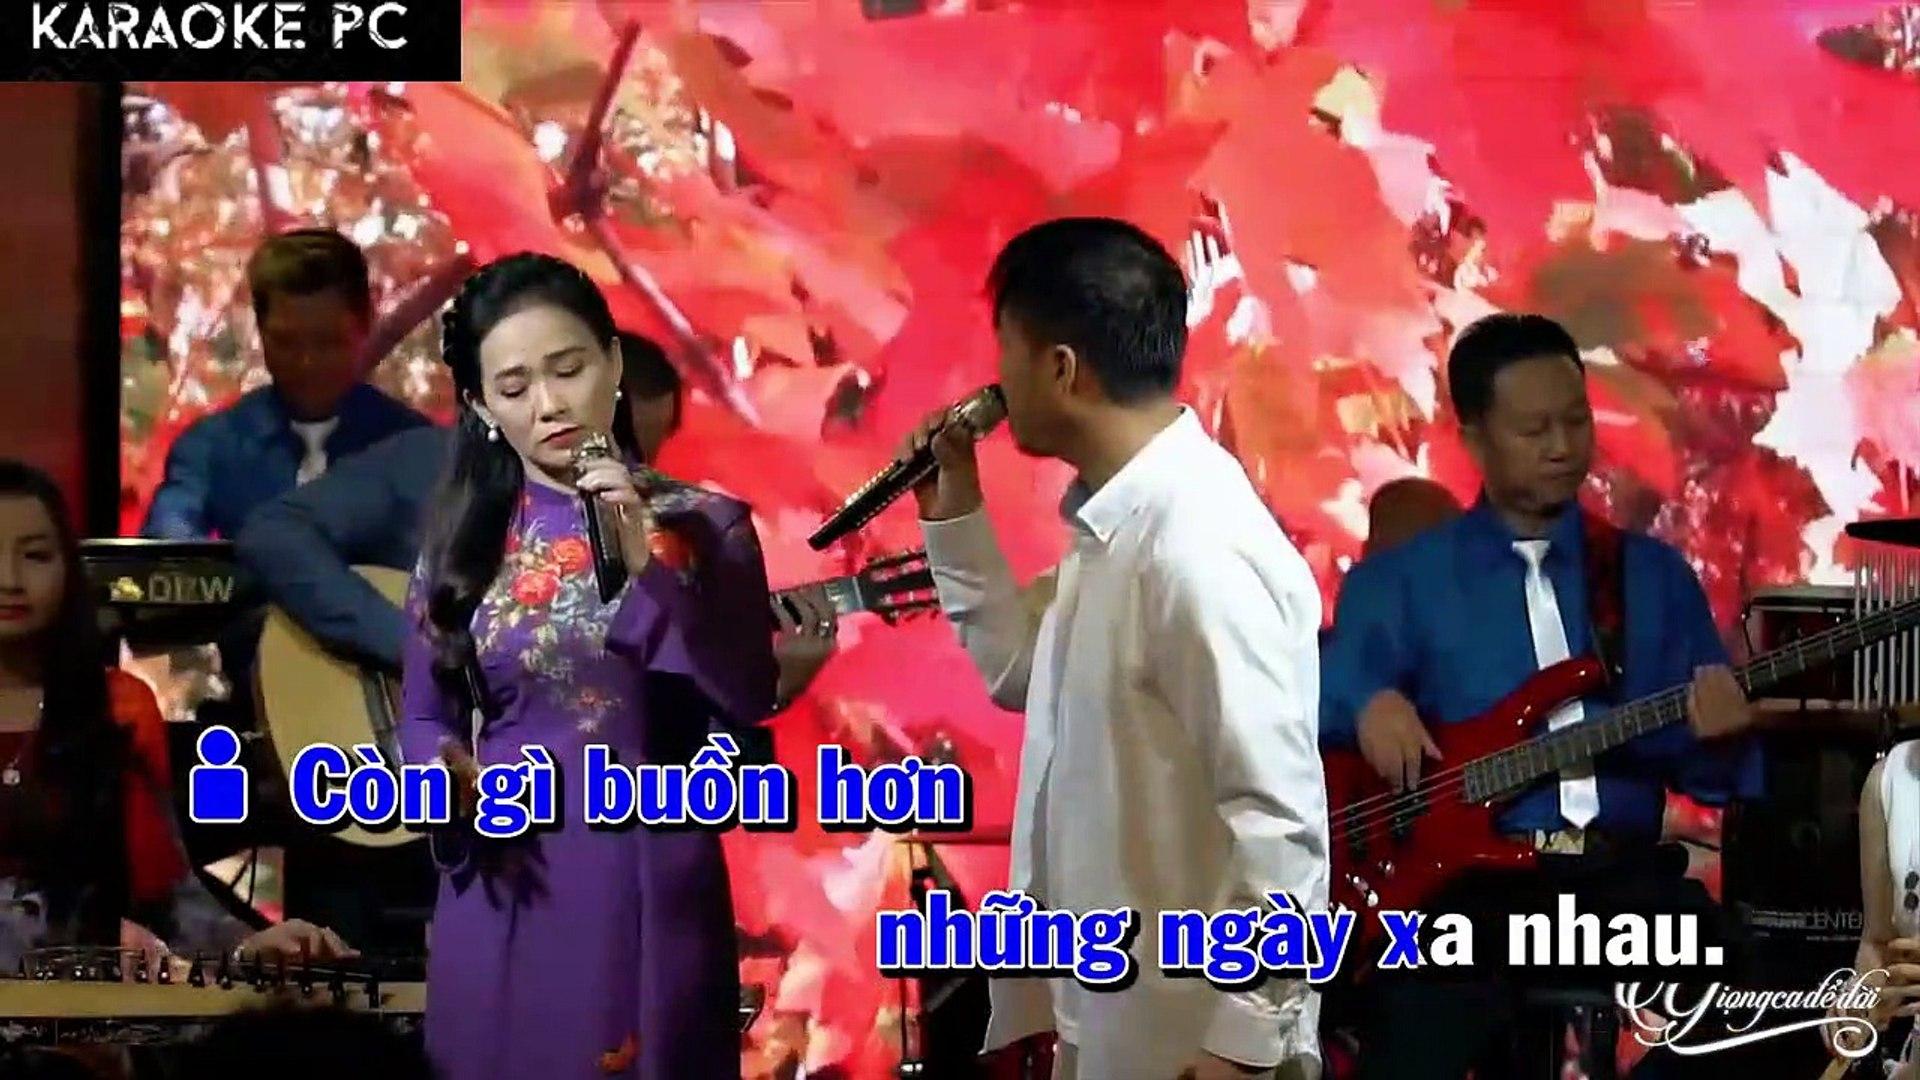 Karaoke Áo Đẹp Nàng Dâu - Quang Lập, Quý Lễ